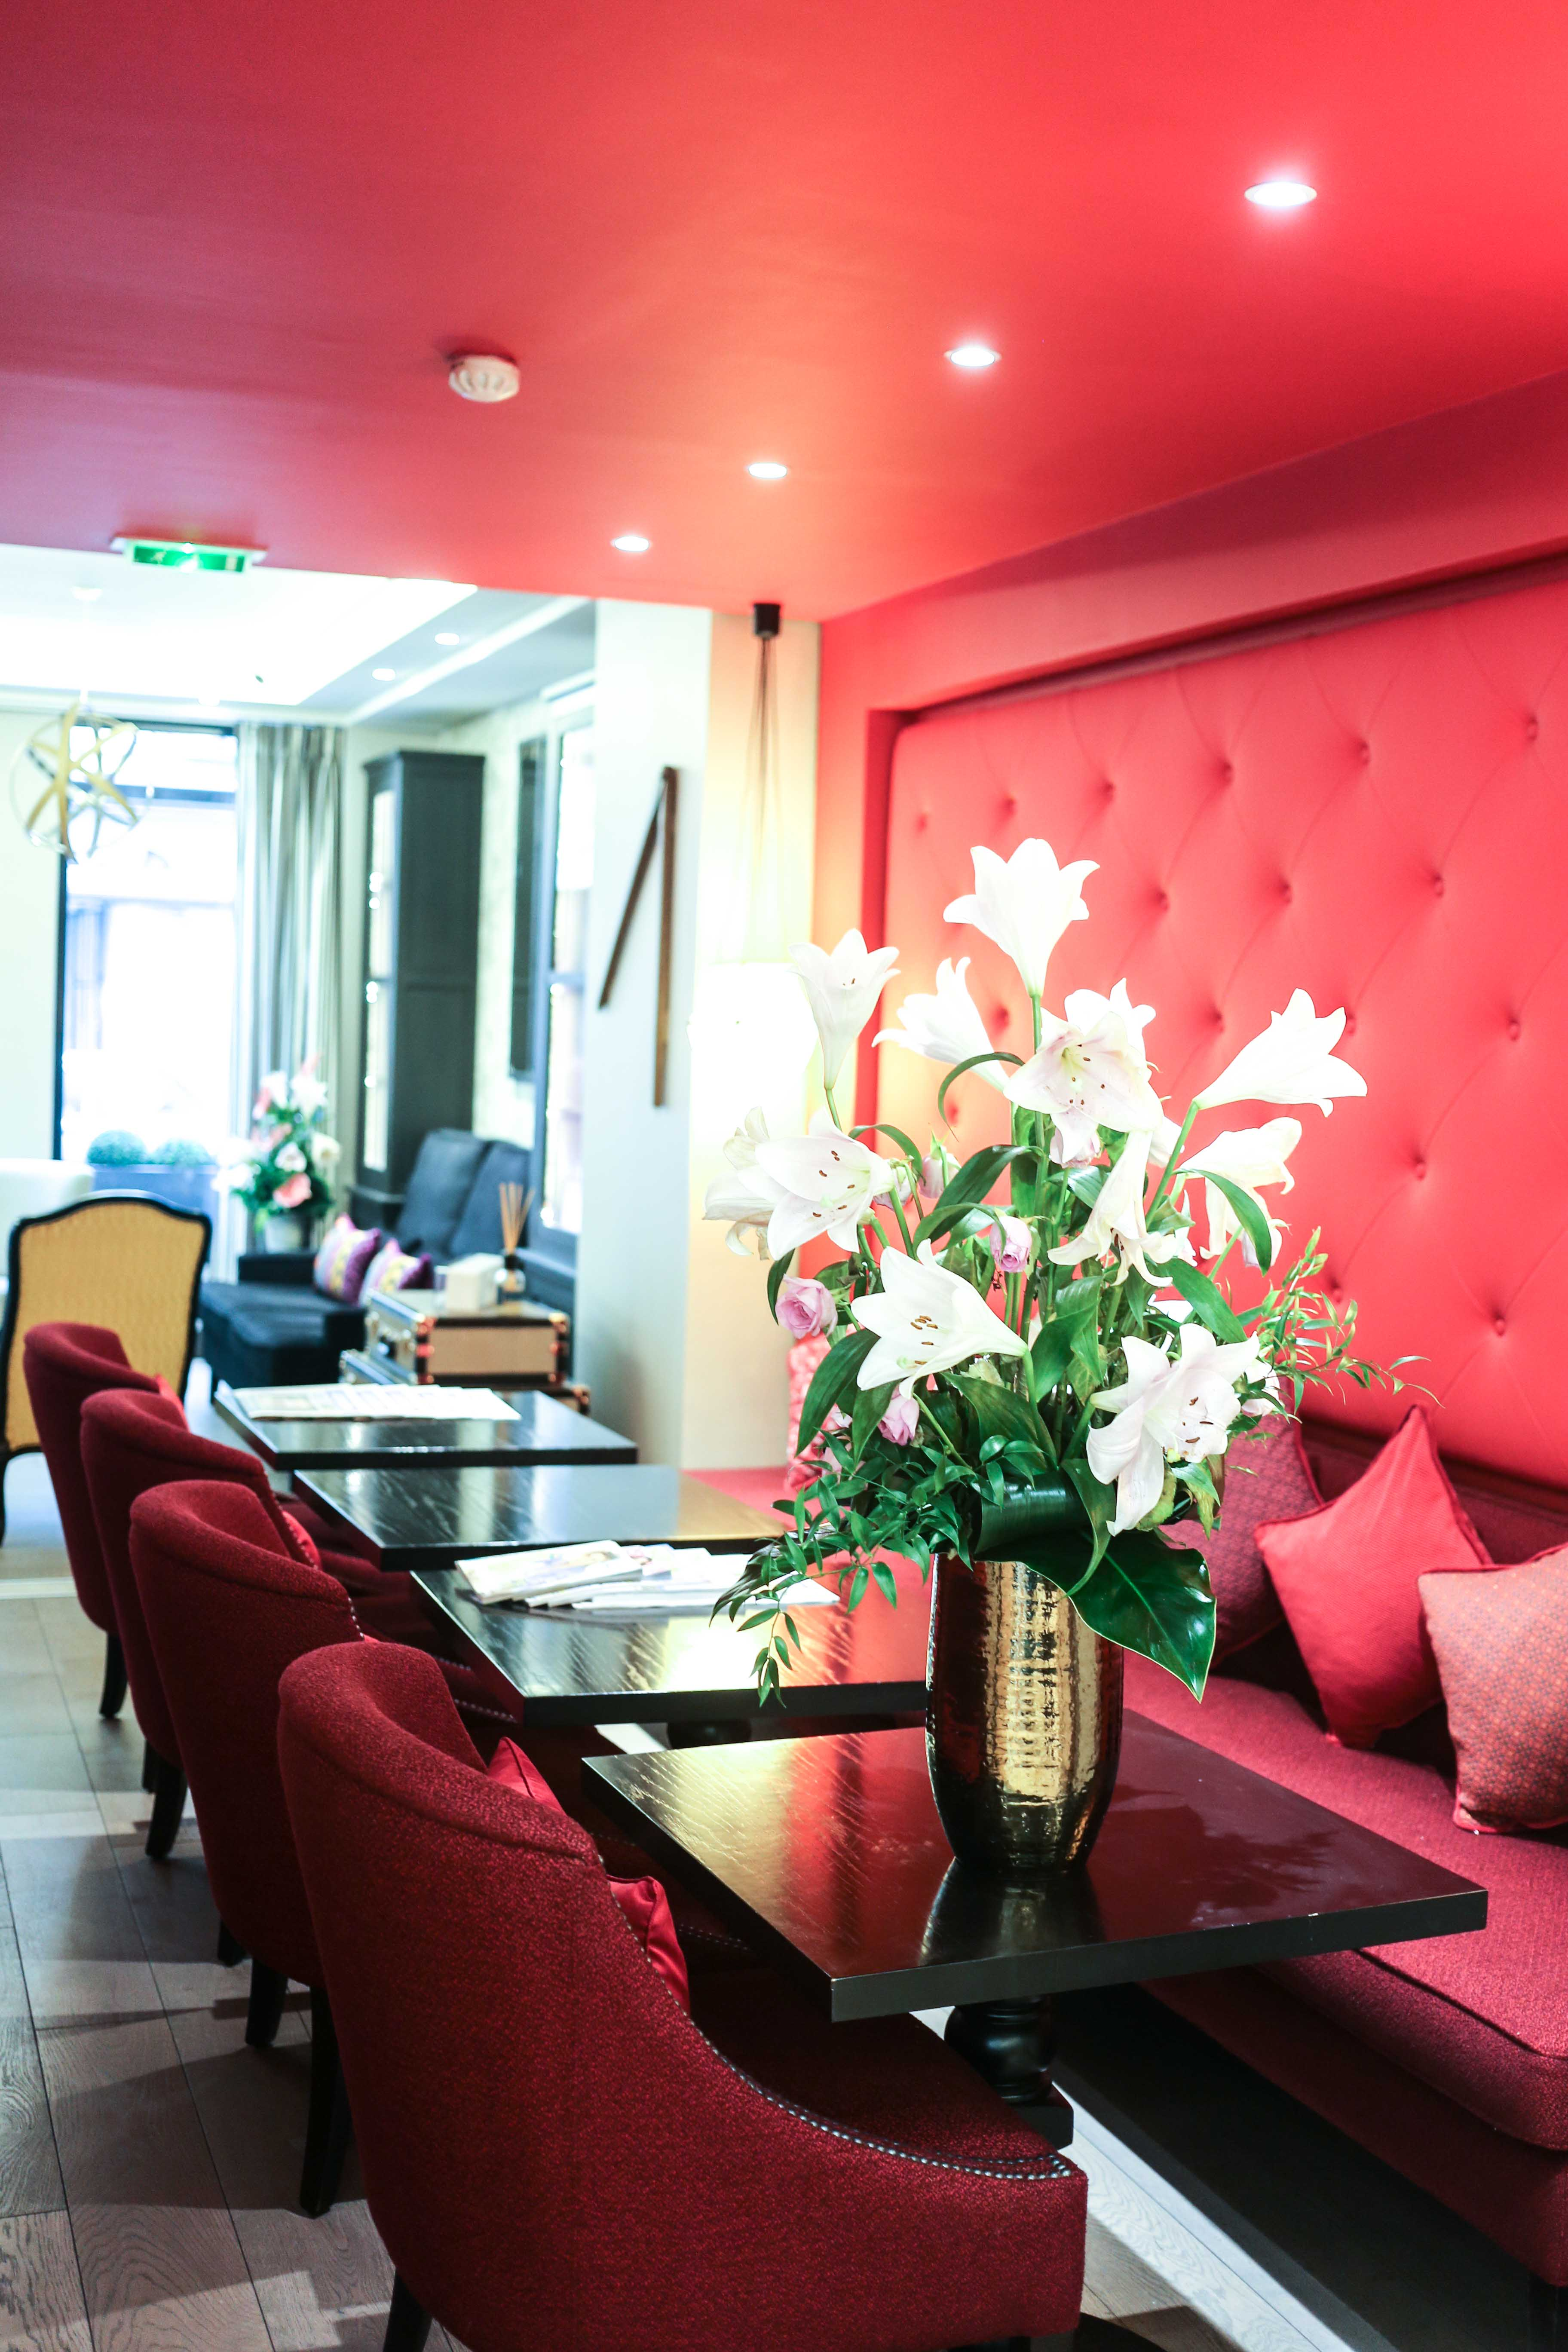 hotel-gustave-4-sterne-hotel-paris-eiffelturm-lage-erfahrung-bericht-reiseblog-travelblog_0769